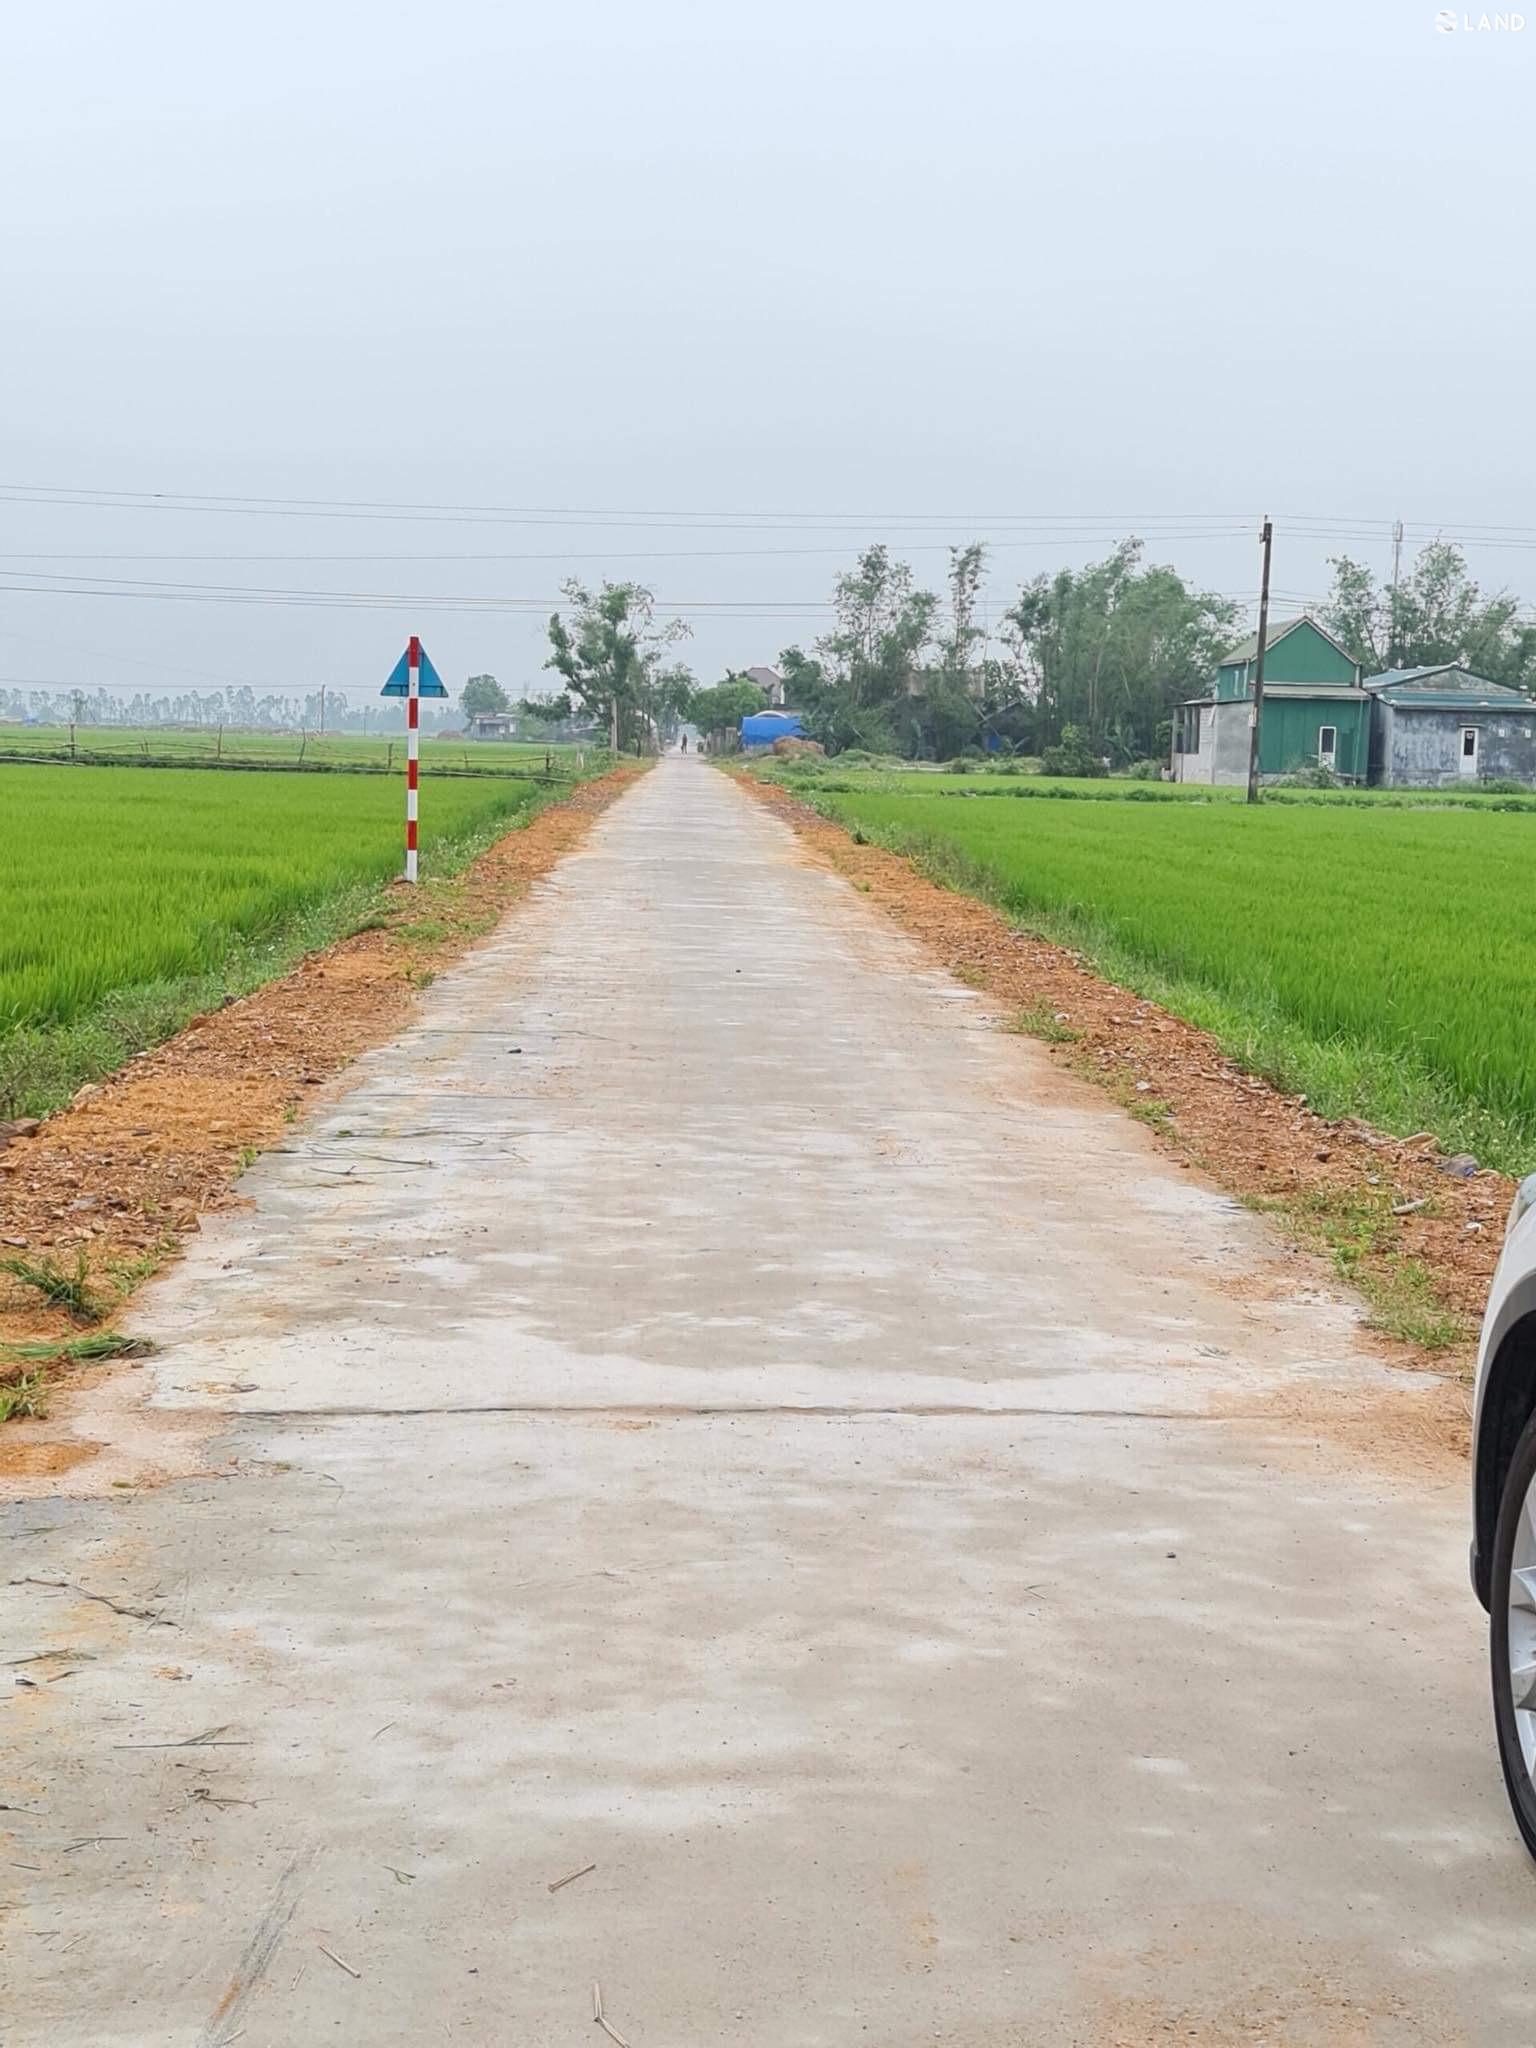 Bán 2 lô đất đẹp Phú Hồ - Phú Vang chỉ 6xx triệu